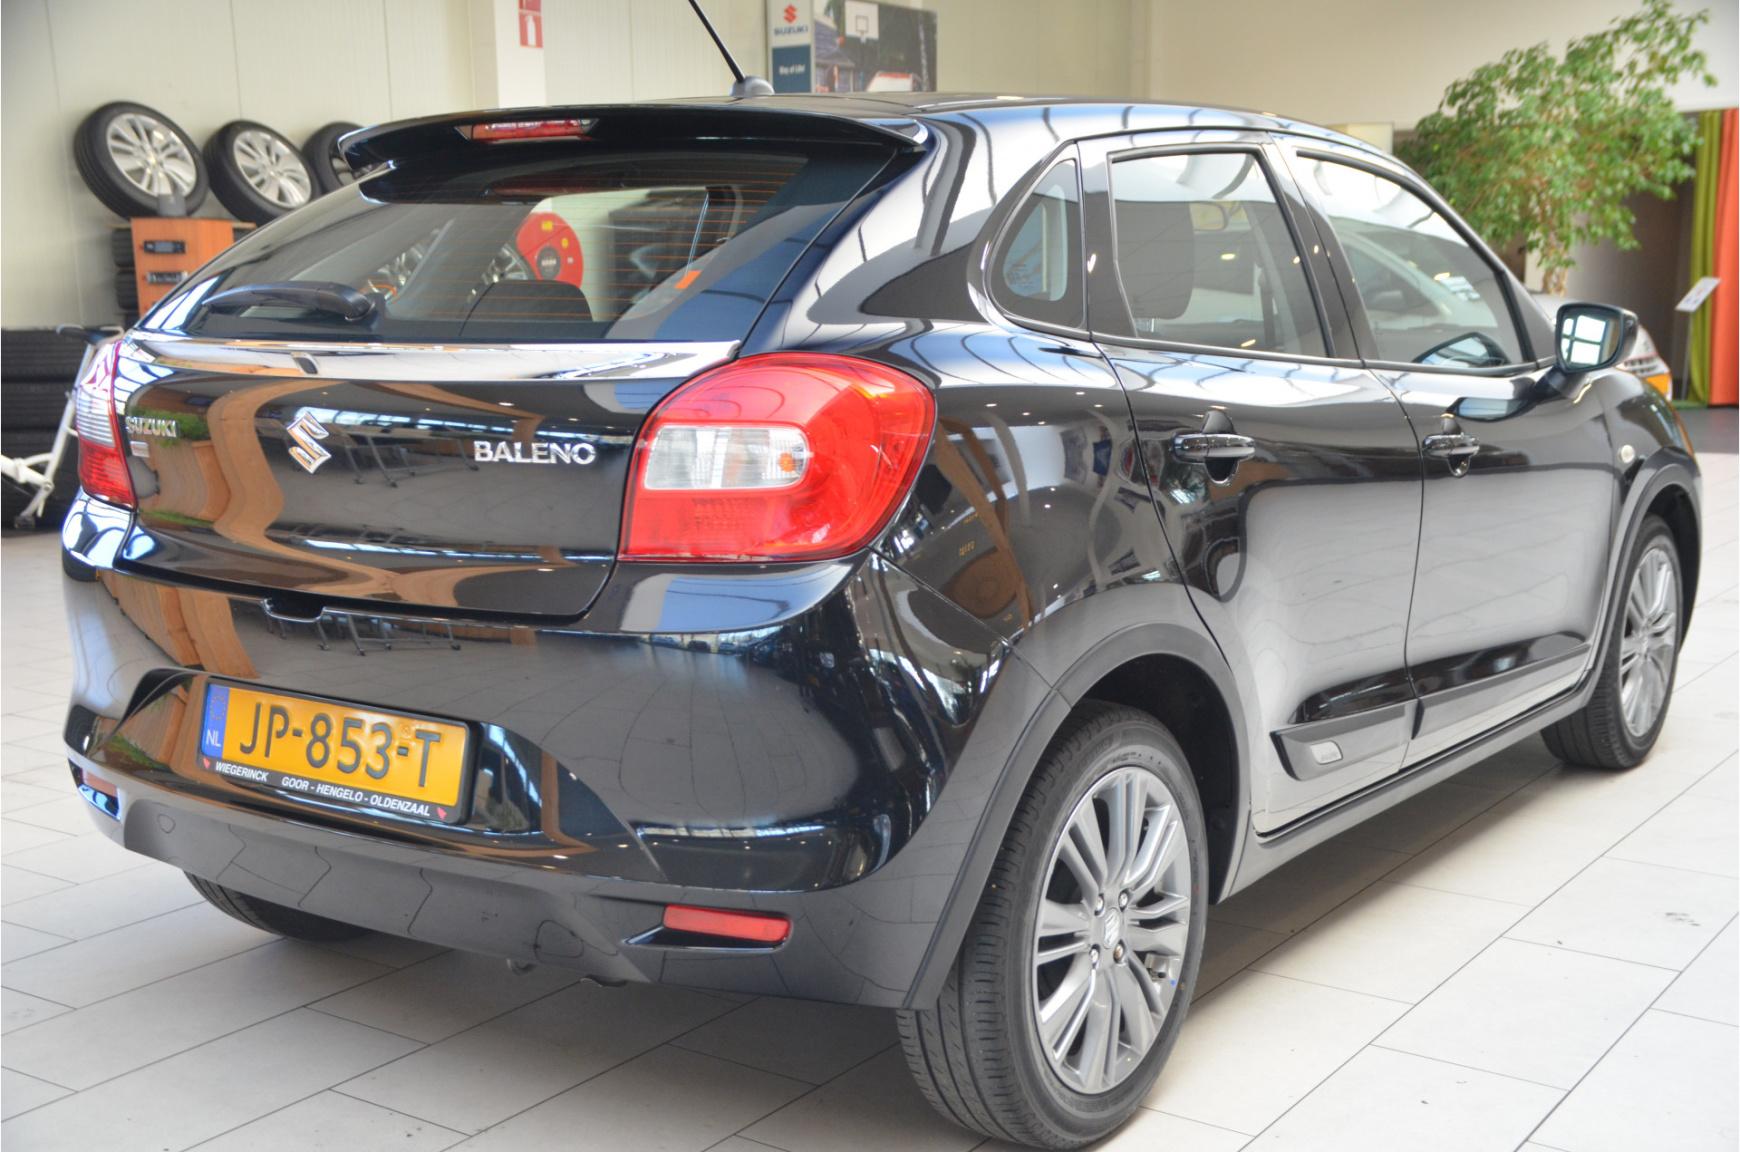 Suzuki-Baleno-7